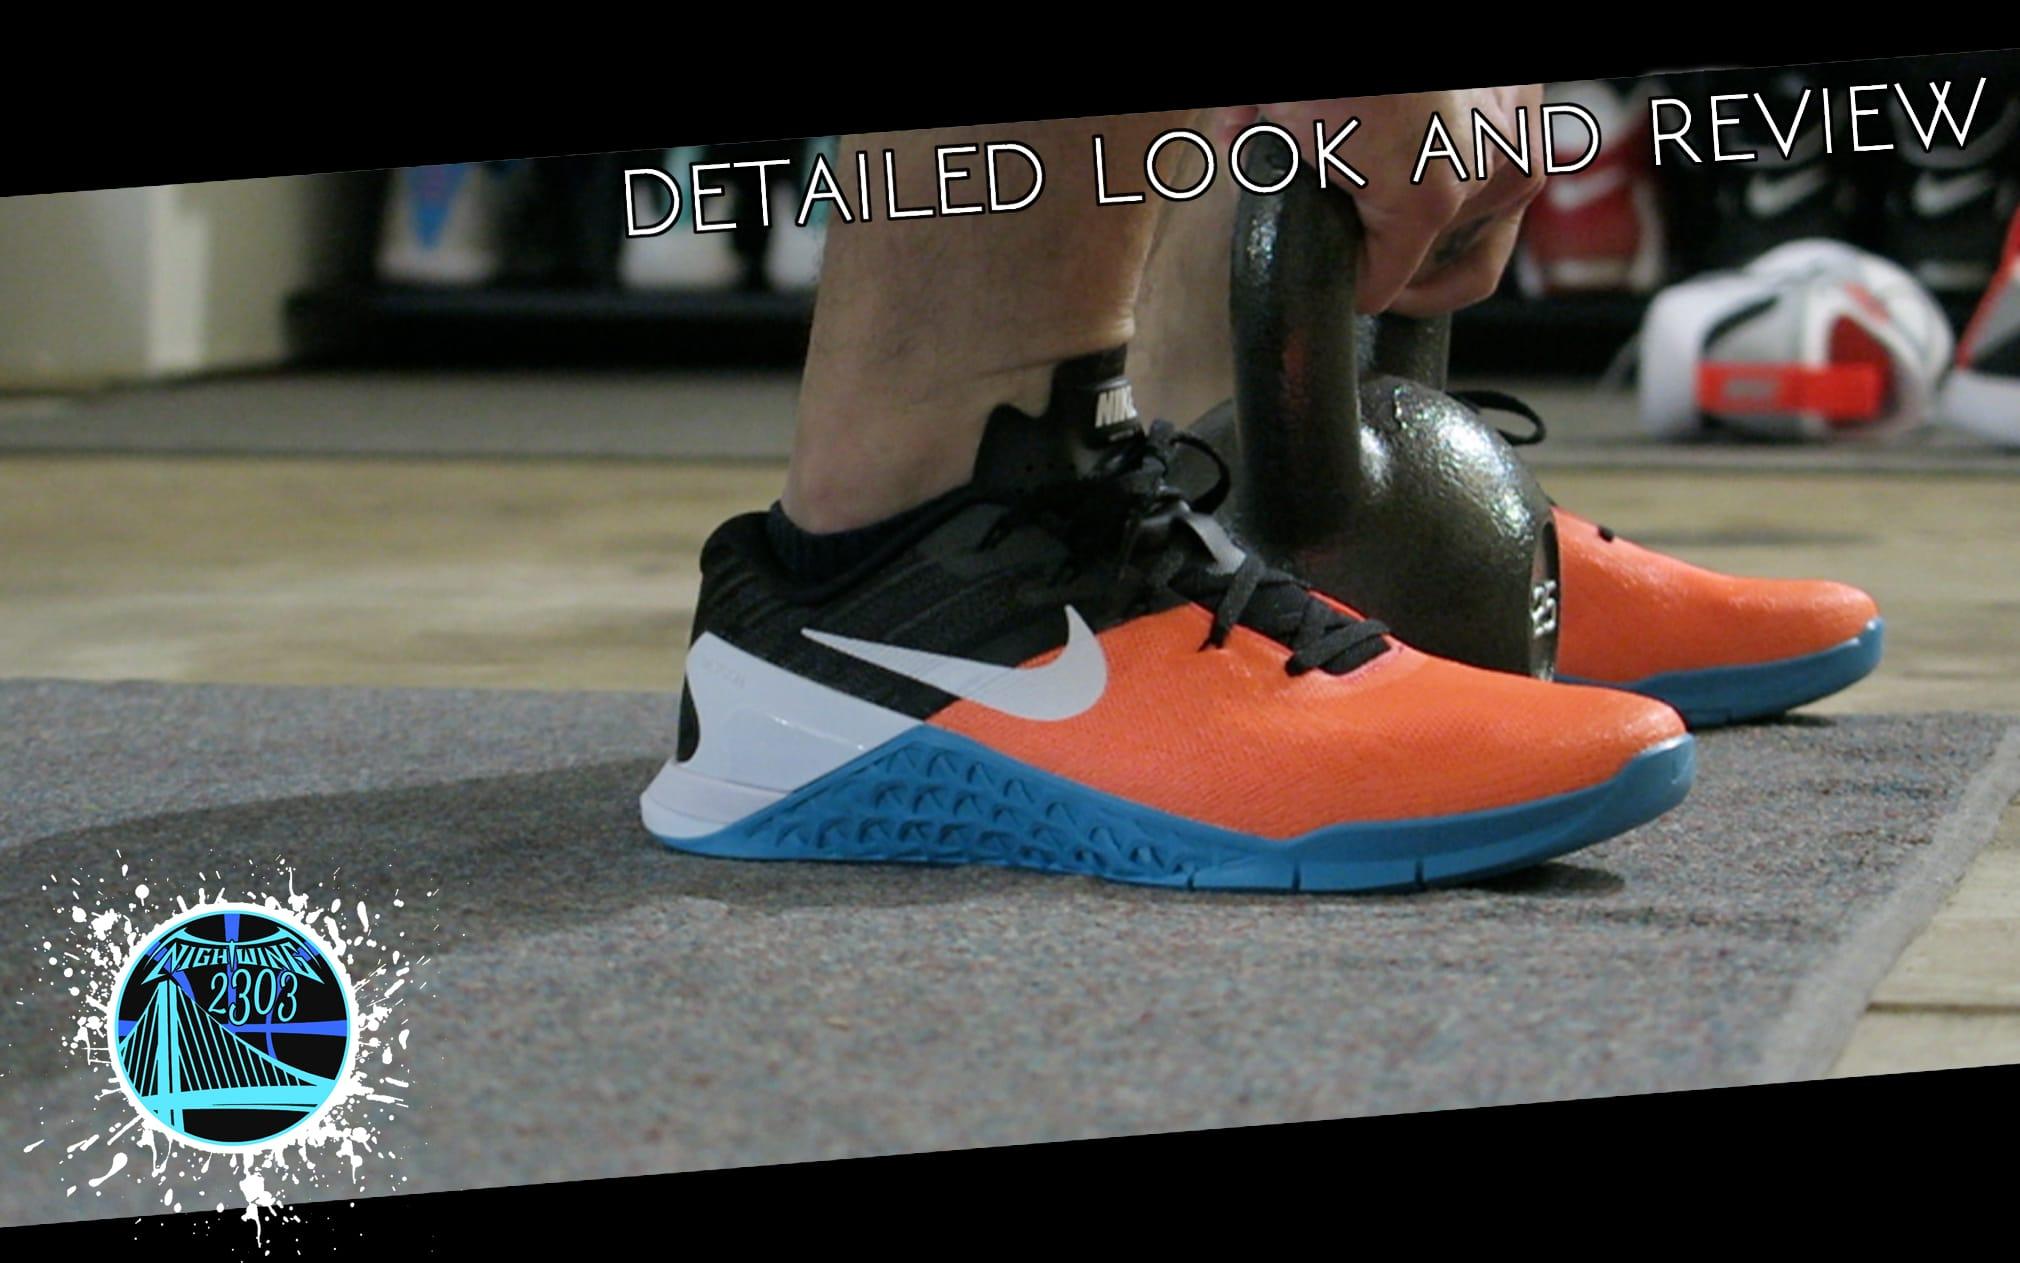 Nike Metcon detailed look